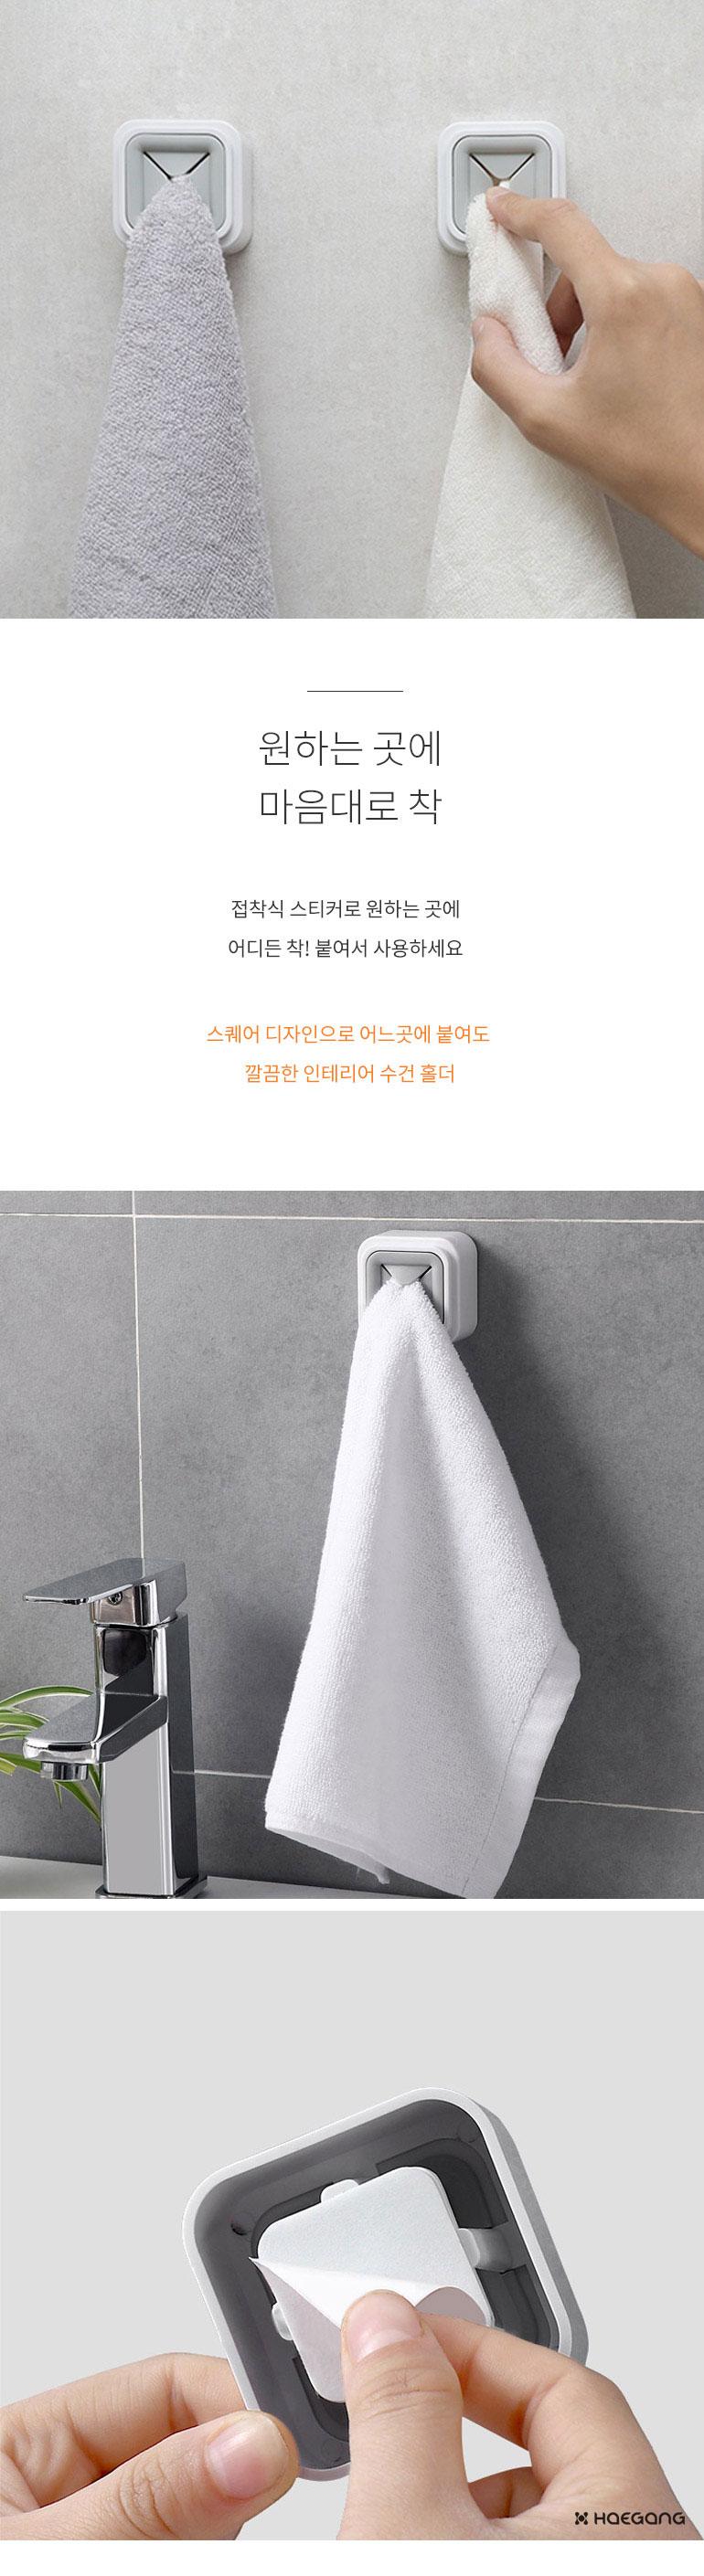 부착식 수건꽂이 행주홀더 - 세일덕, 3,500원, 정리용품/청소, 홀더/타올/휴지걸이